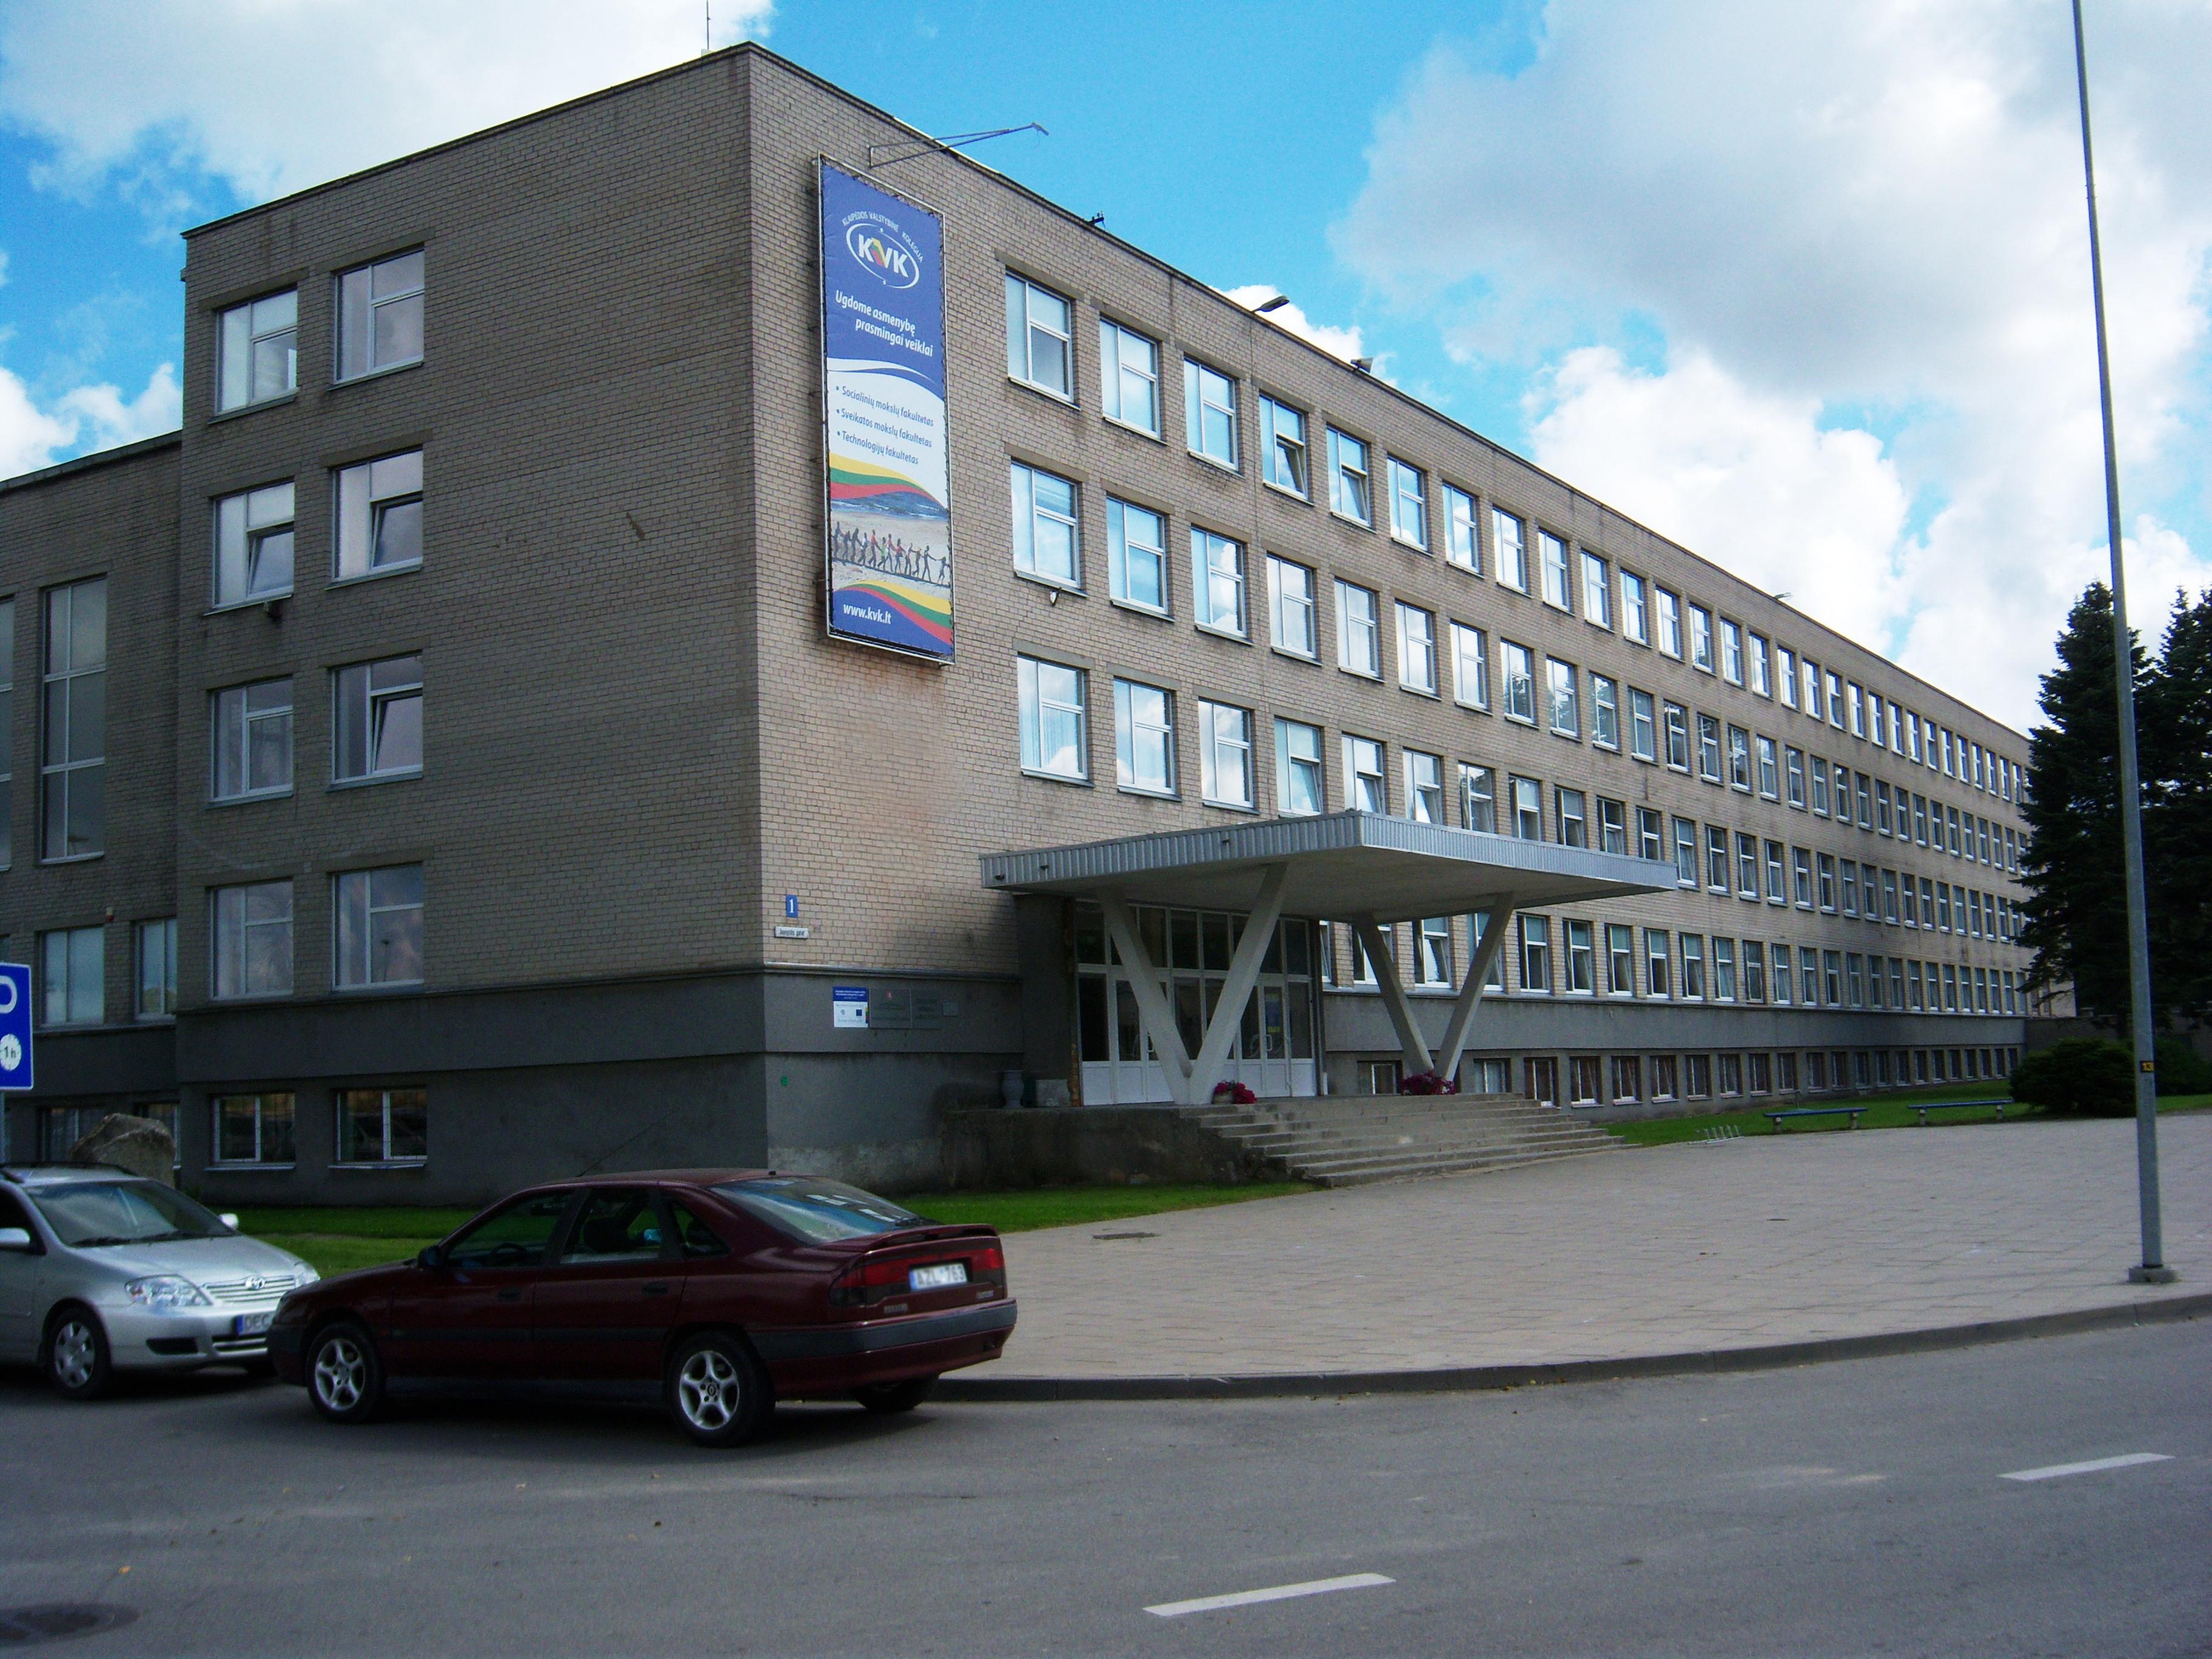 Klaipėdos_valstybinė_kolegija._Socialinių_mokslų_fakultetas